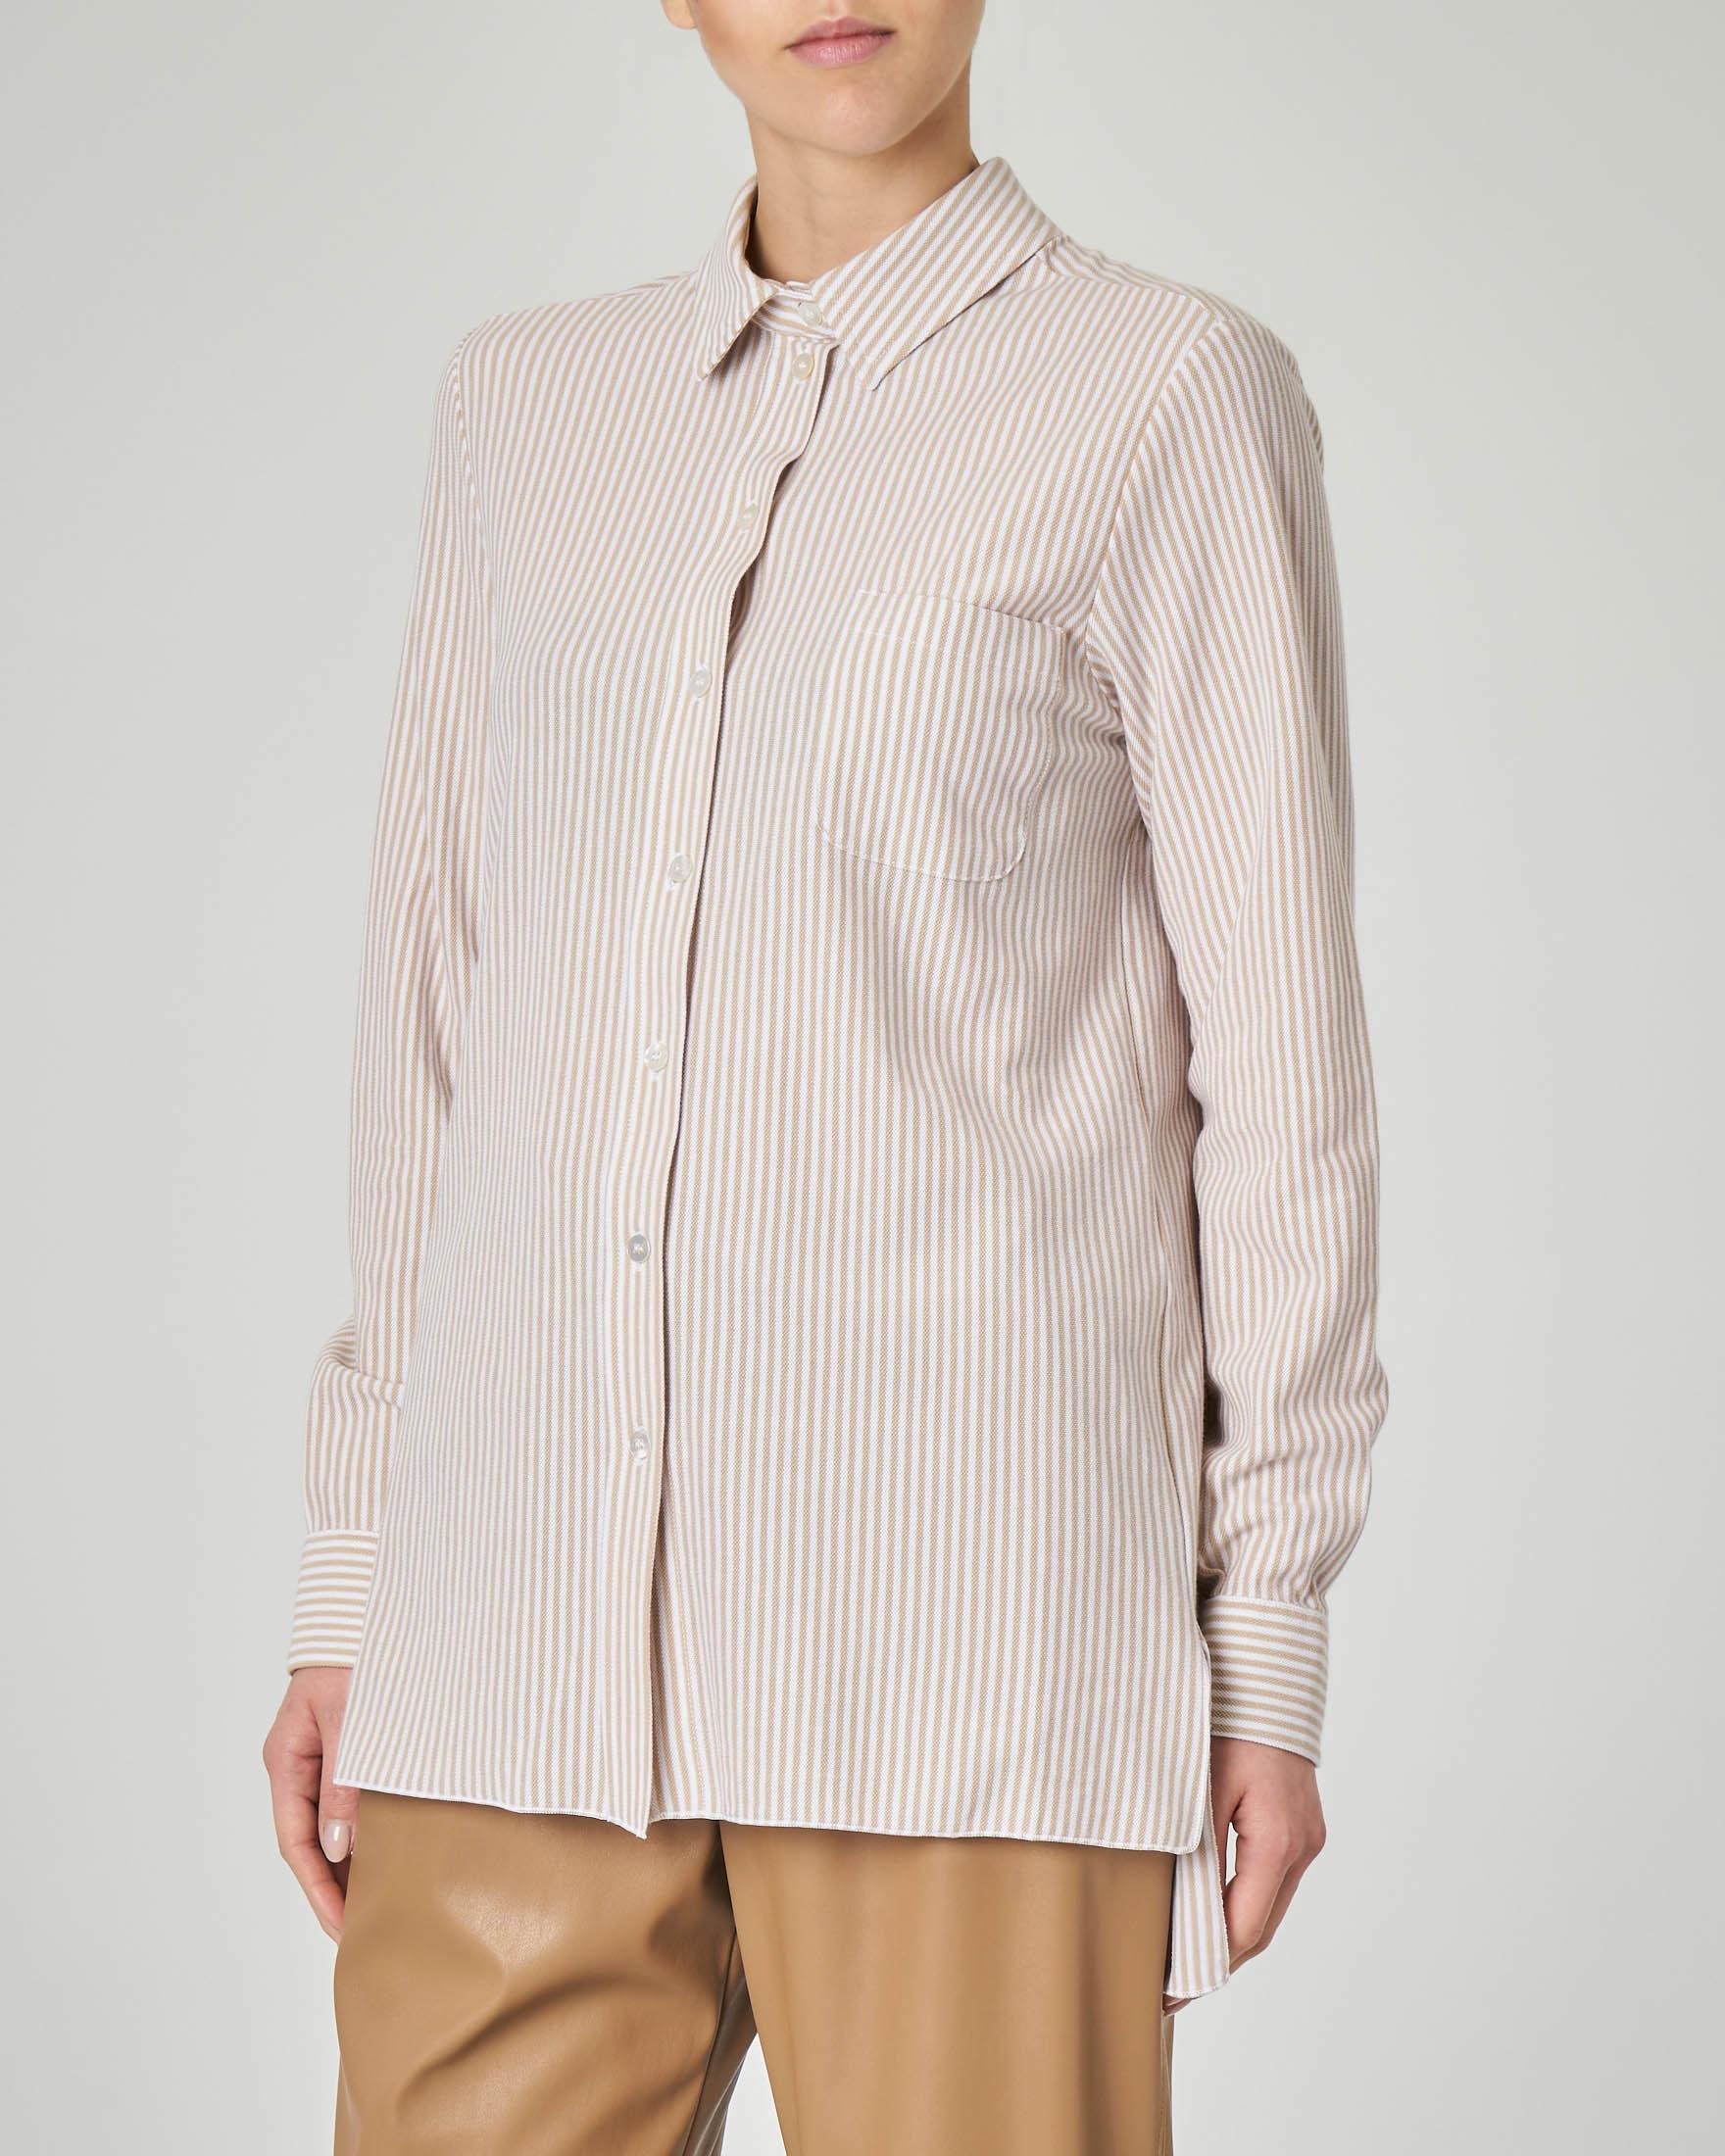 Camicia oxford a righe bianche e color cammello